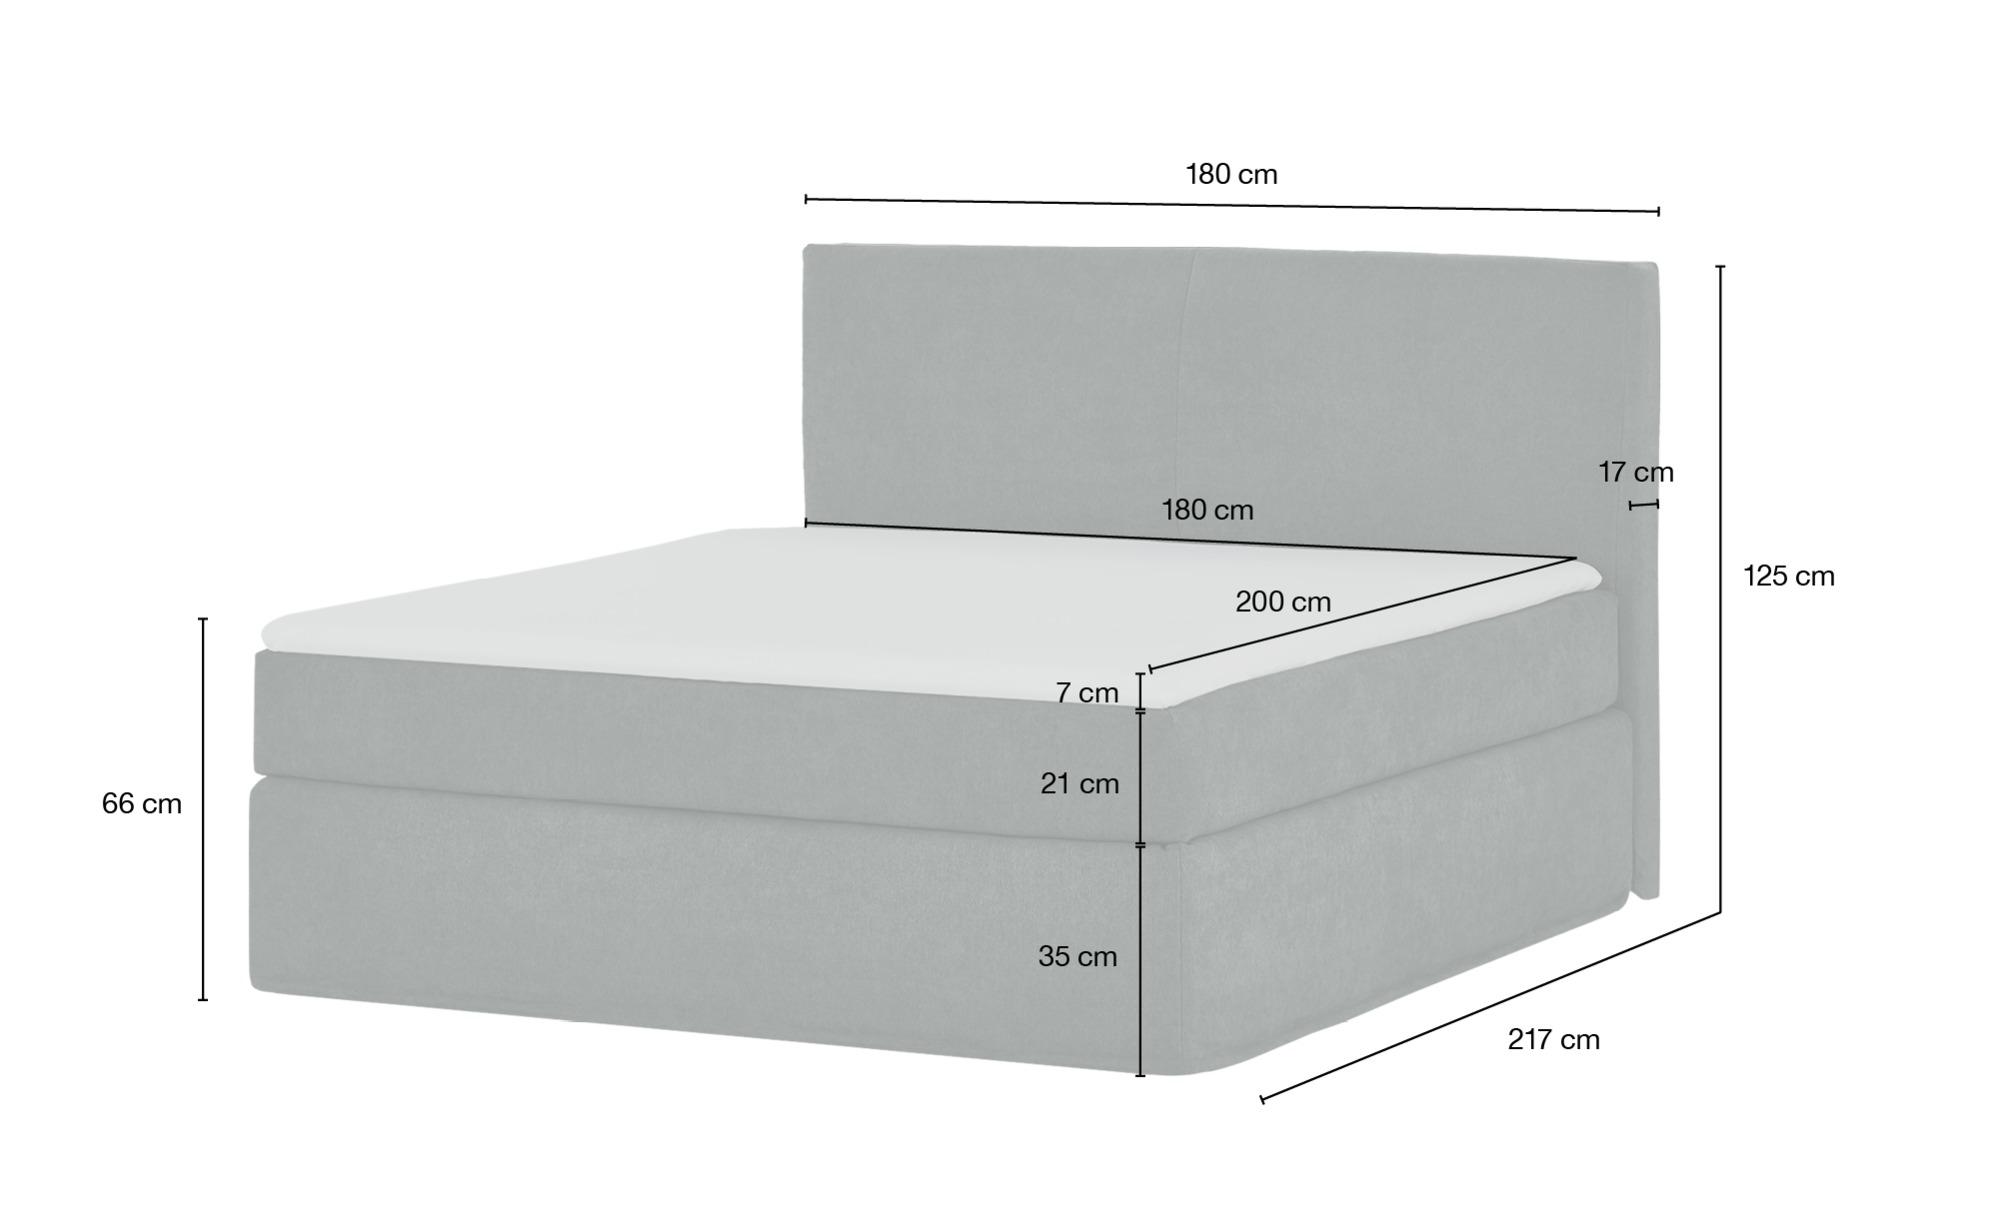 Boxspringbett 180 x 200 cm  Boxi ¦ grau ¦ Maße (cm): B: 180 H: 125 Betten > Boxspringbetten > Boxspringbetten 180x200 - Höffner